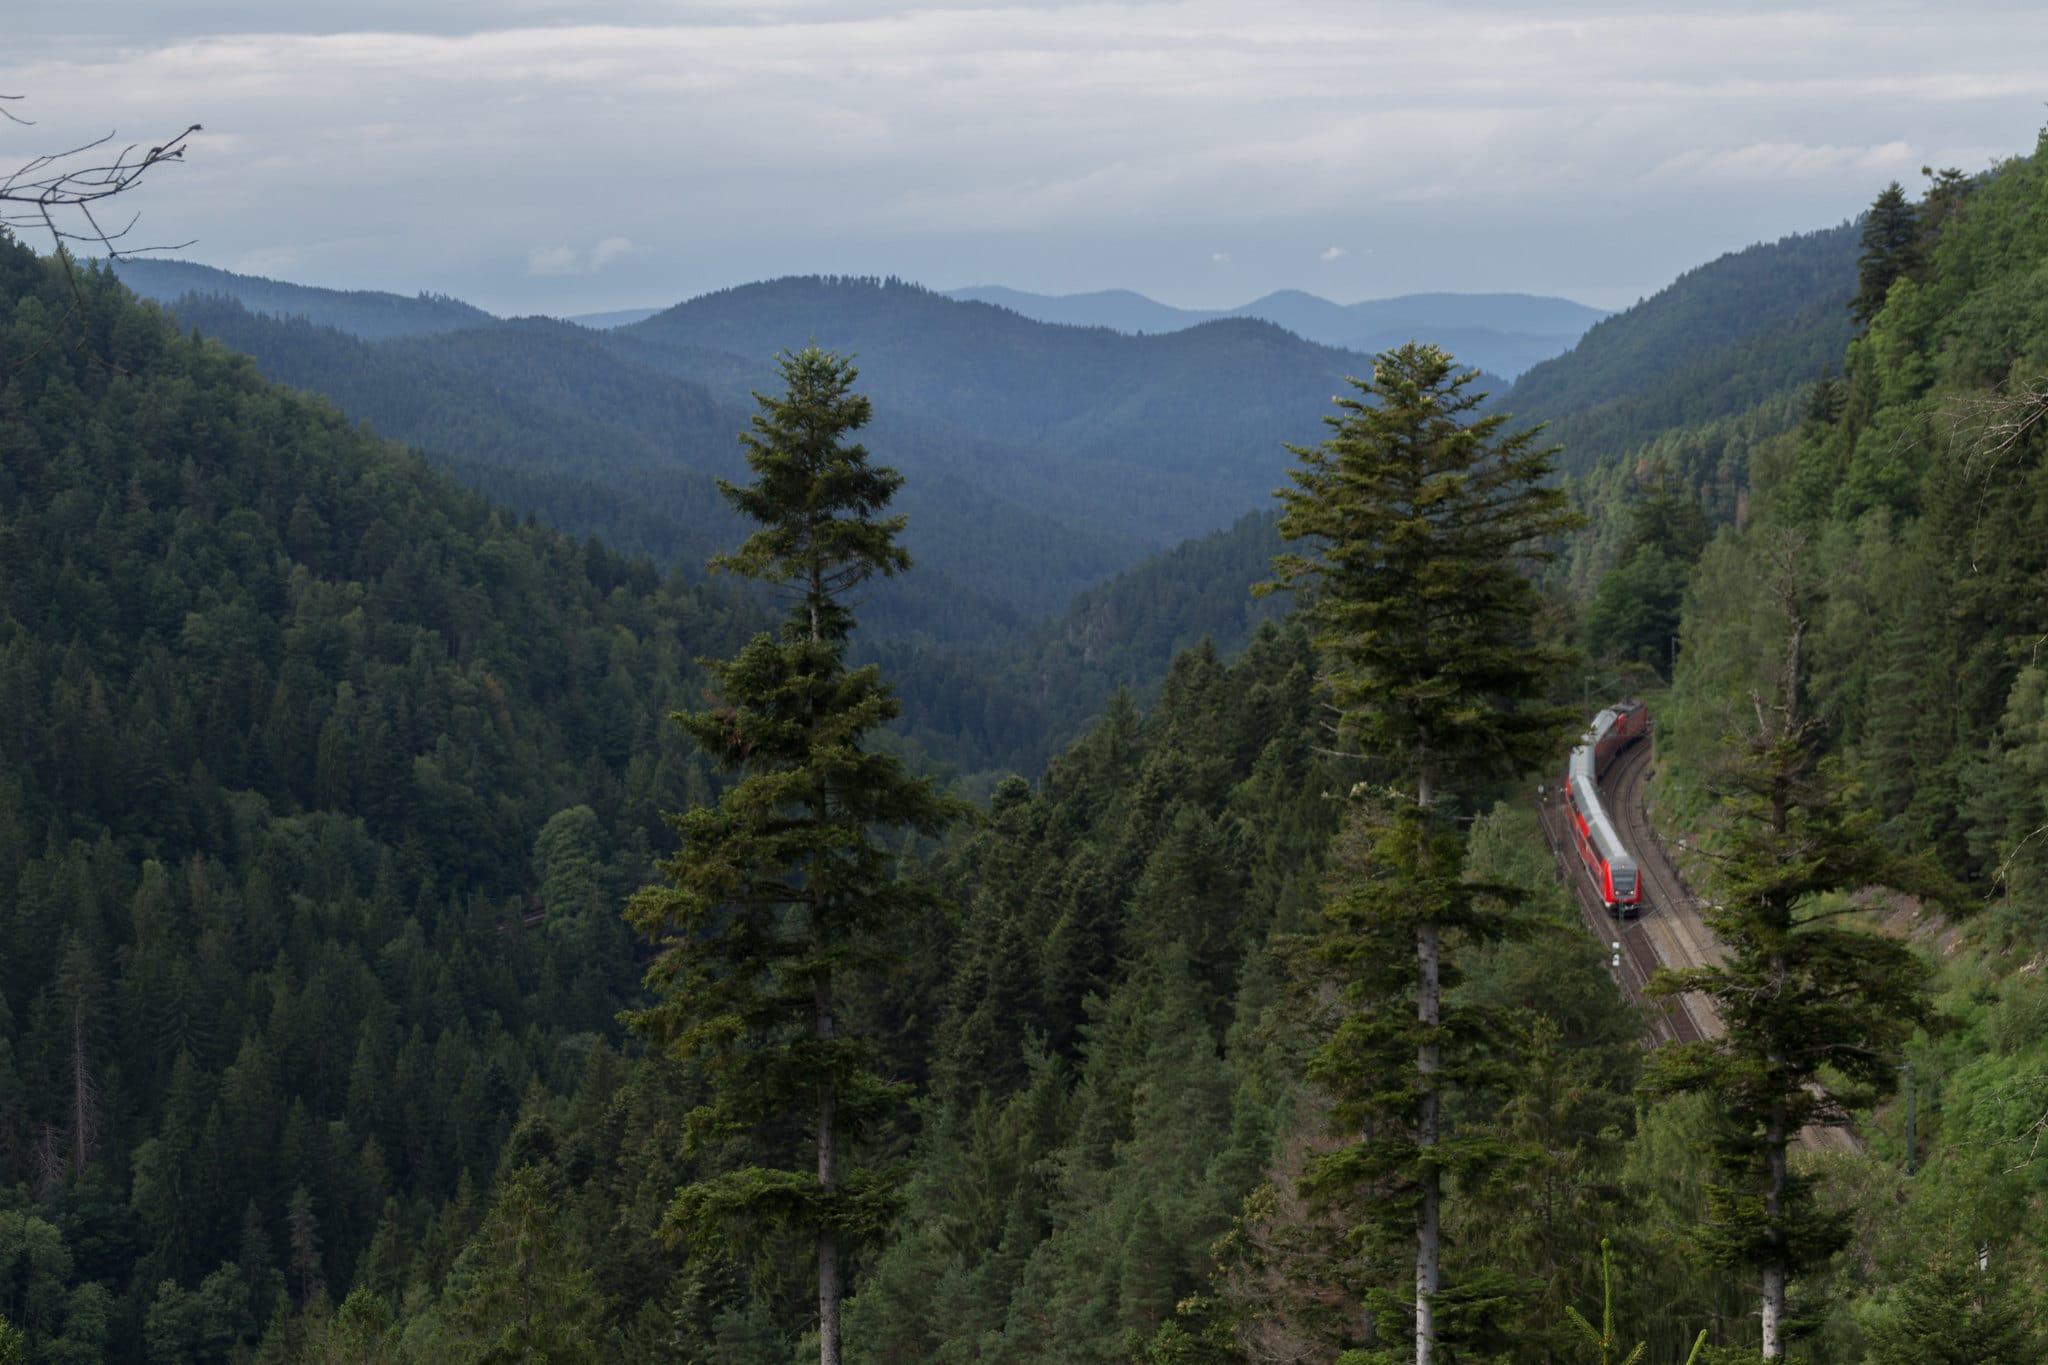 Zug-im-Schwarzwald-treinreis-duitsland